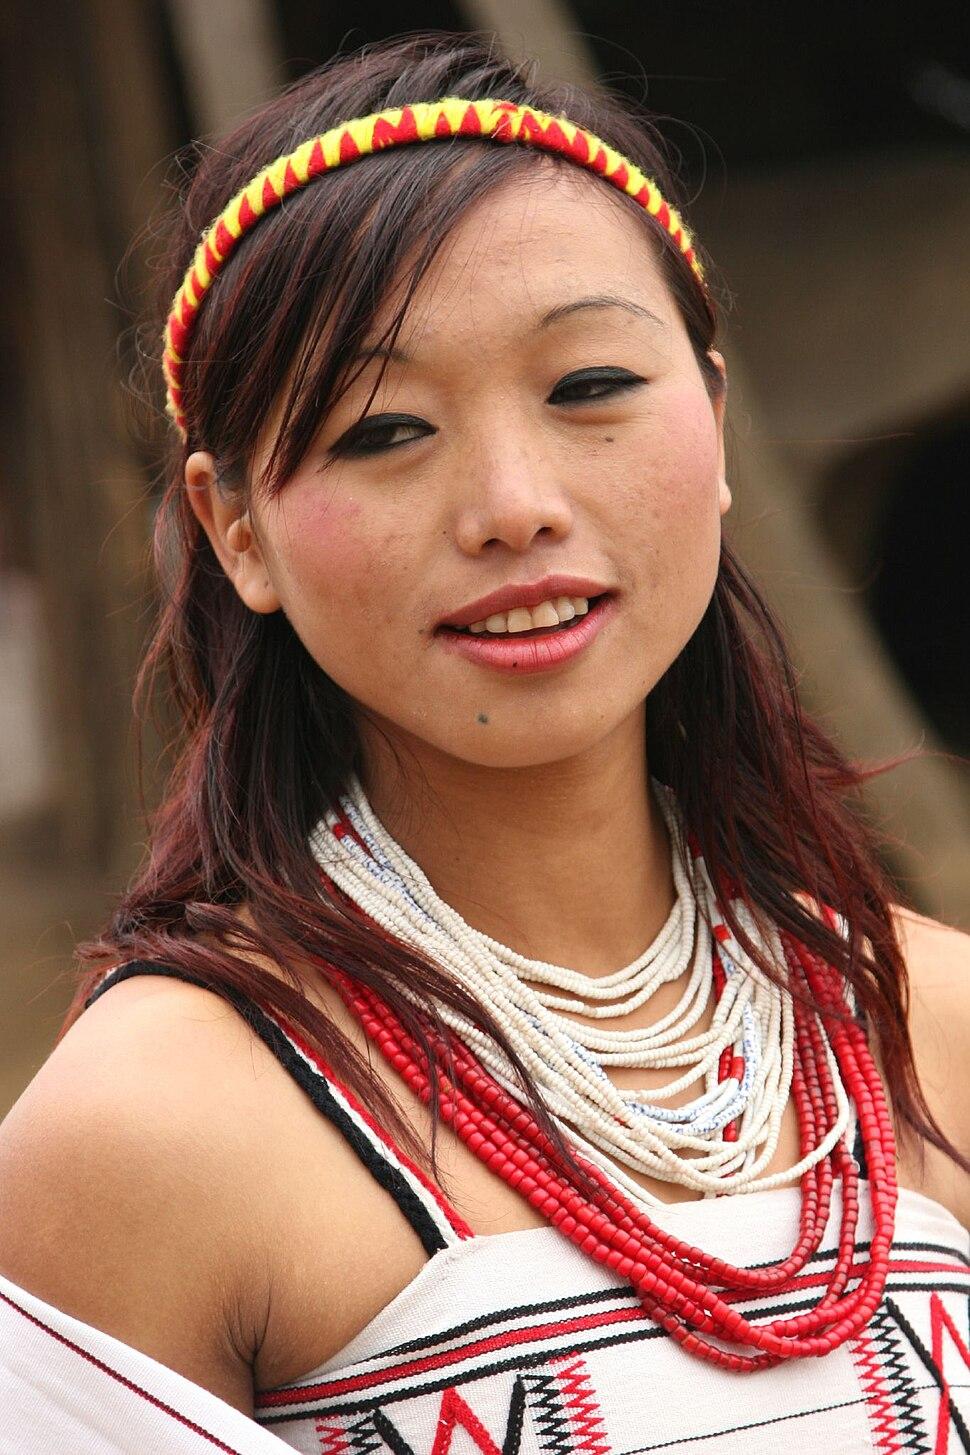 Naga female by retlaw snellac